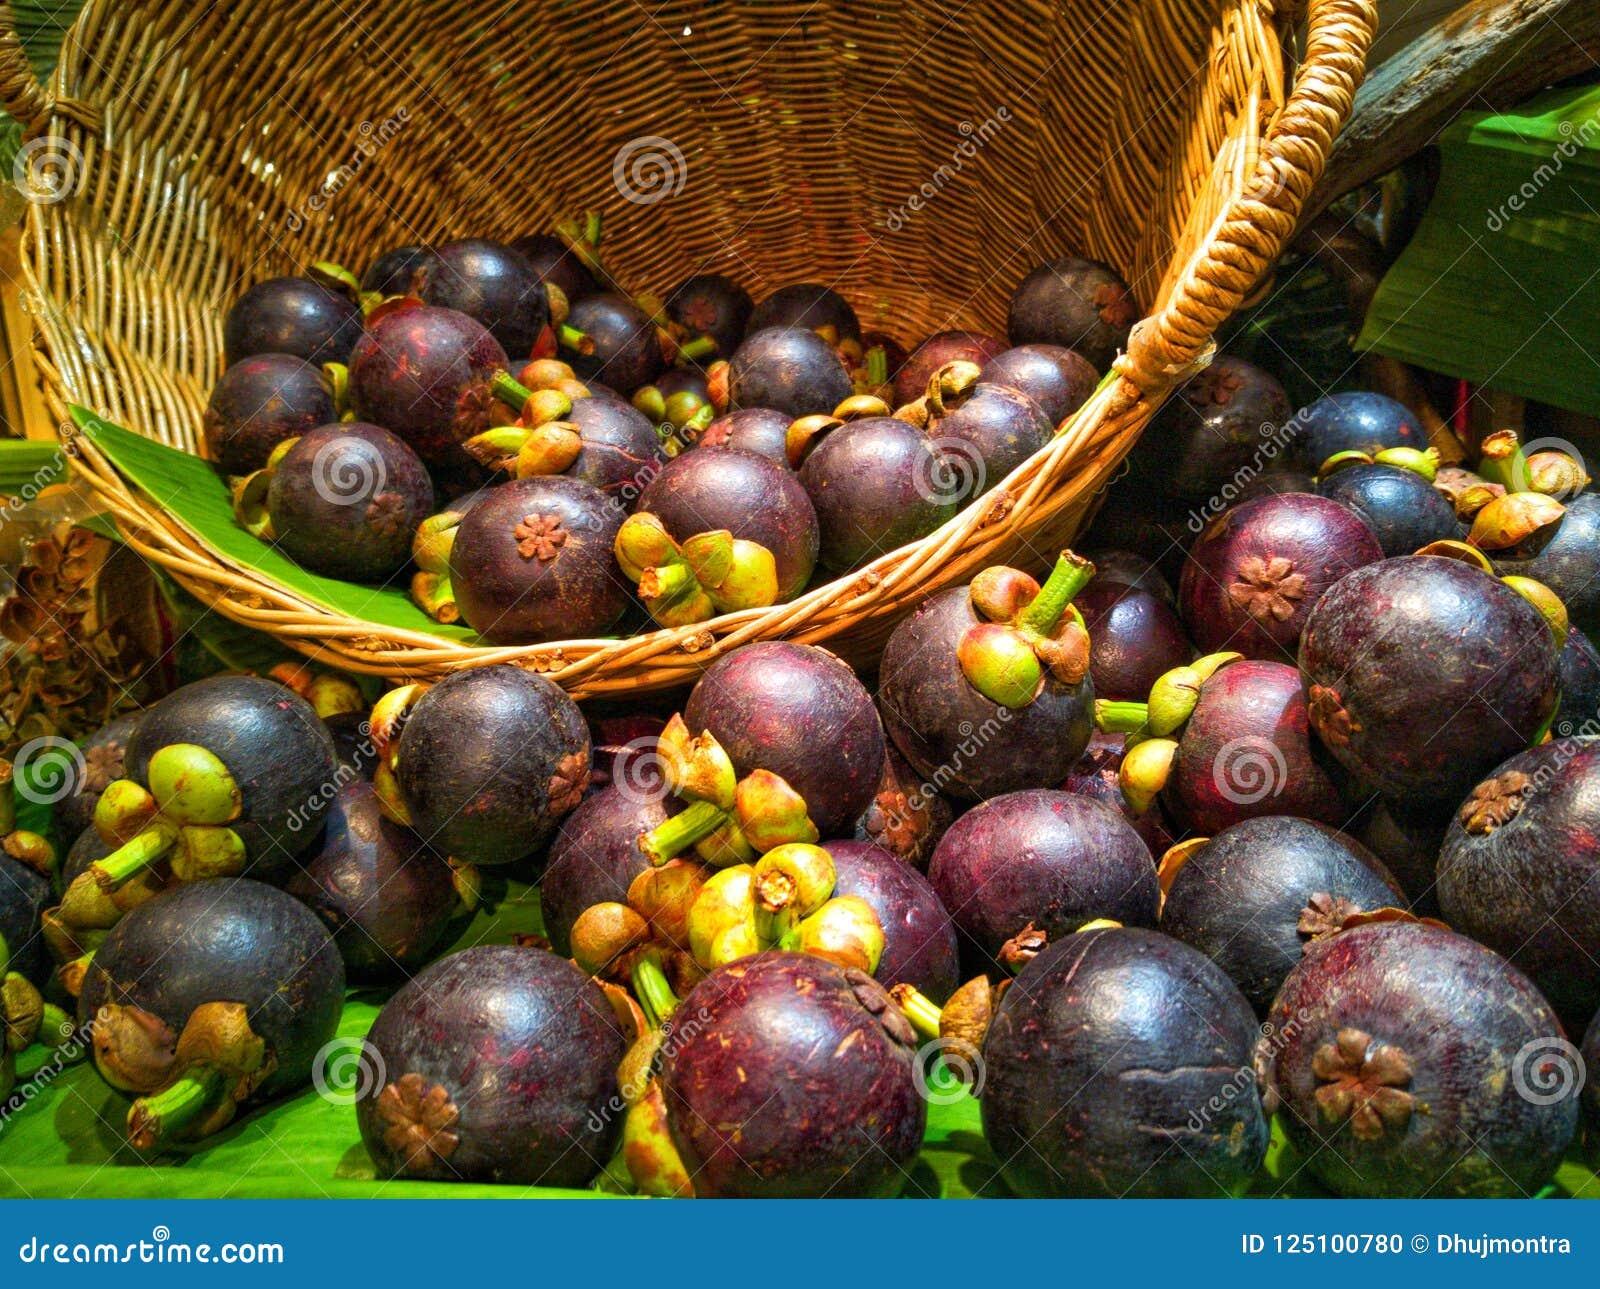 Mangoesteen drottningen av frukt